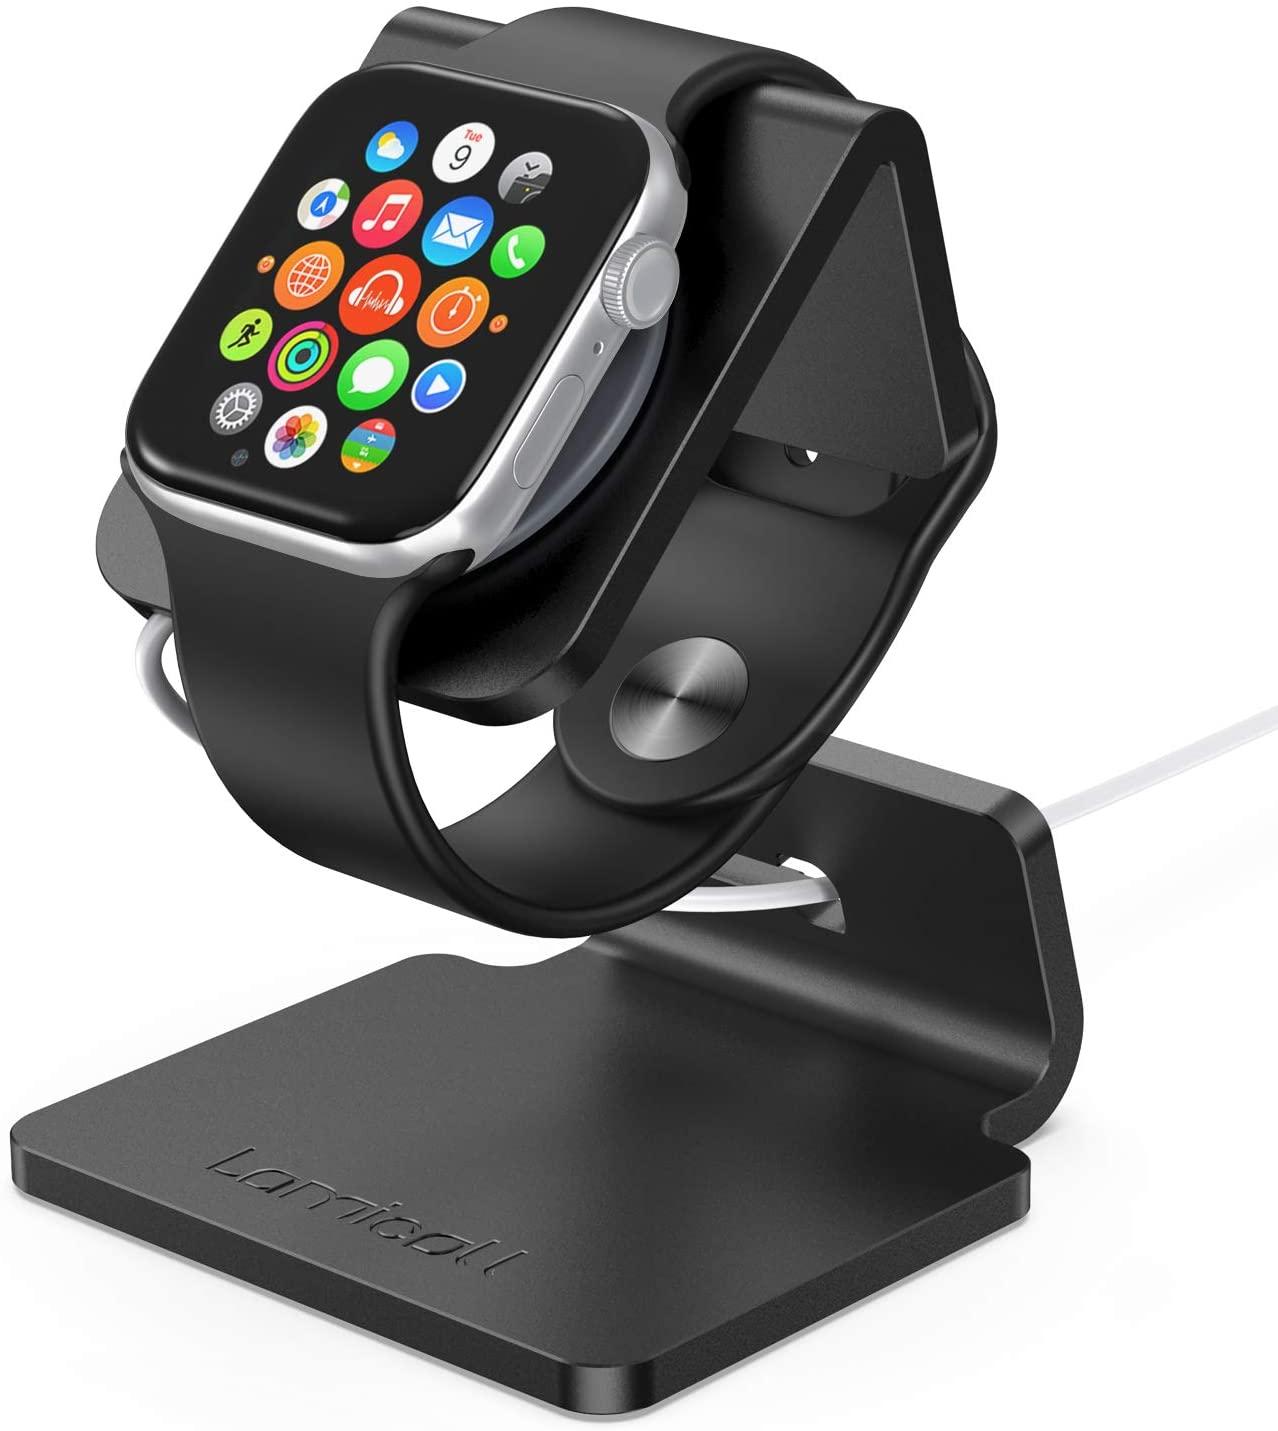 Apple Watchの充電スタンドおすすめ10選!ワイヤレスも